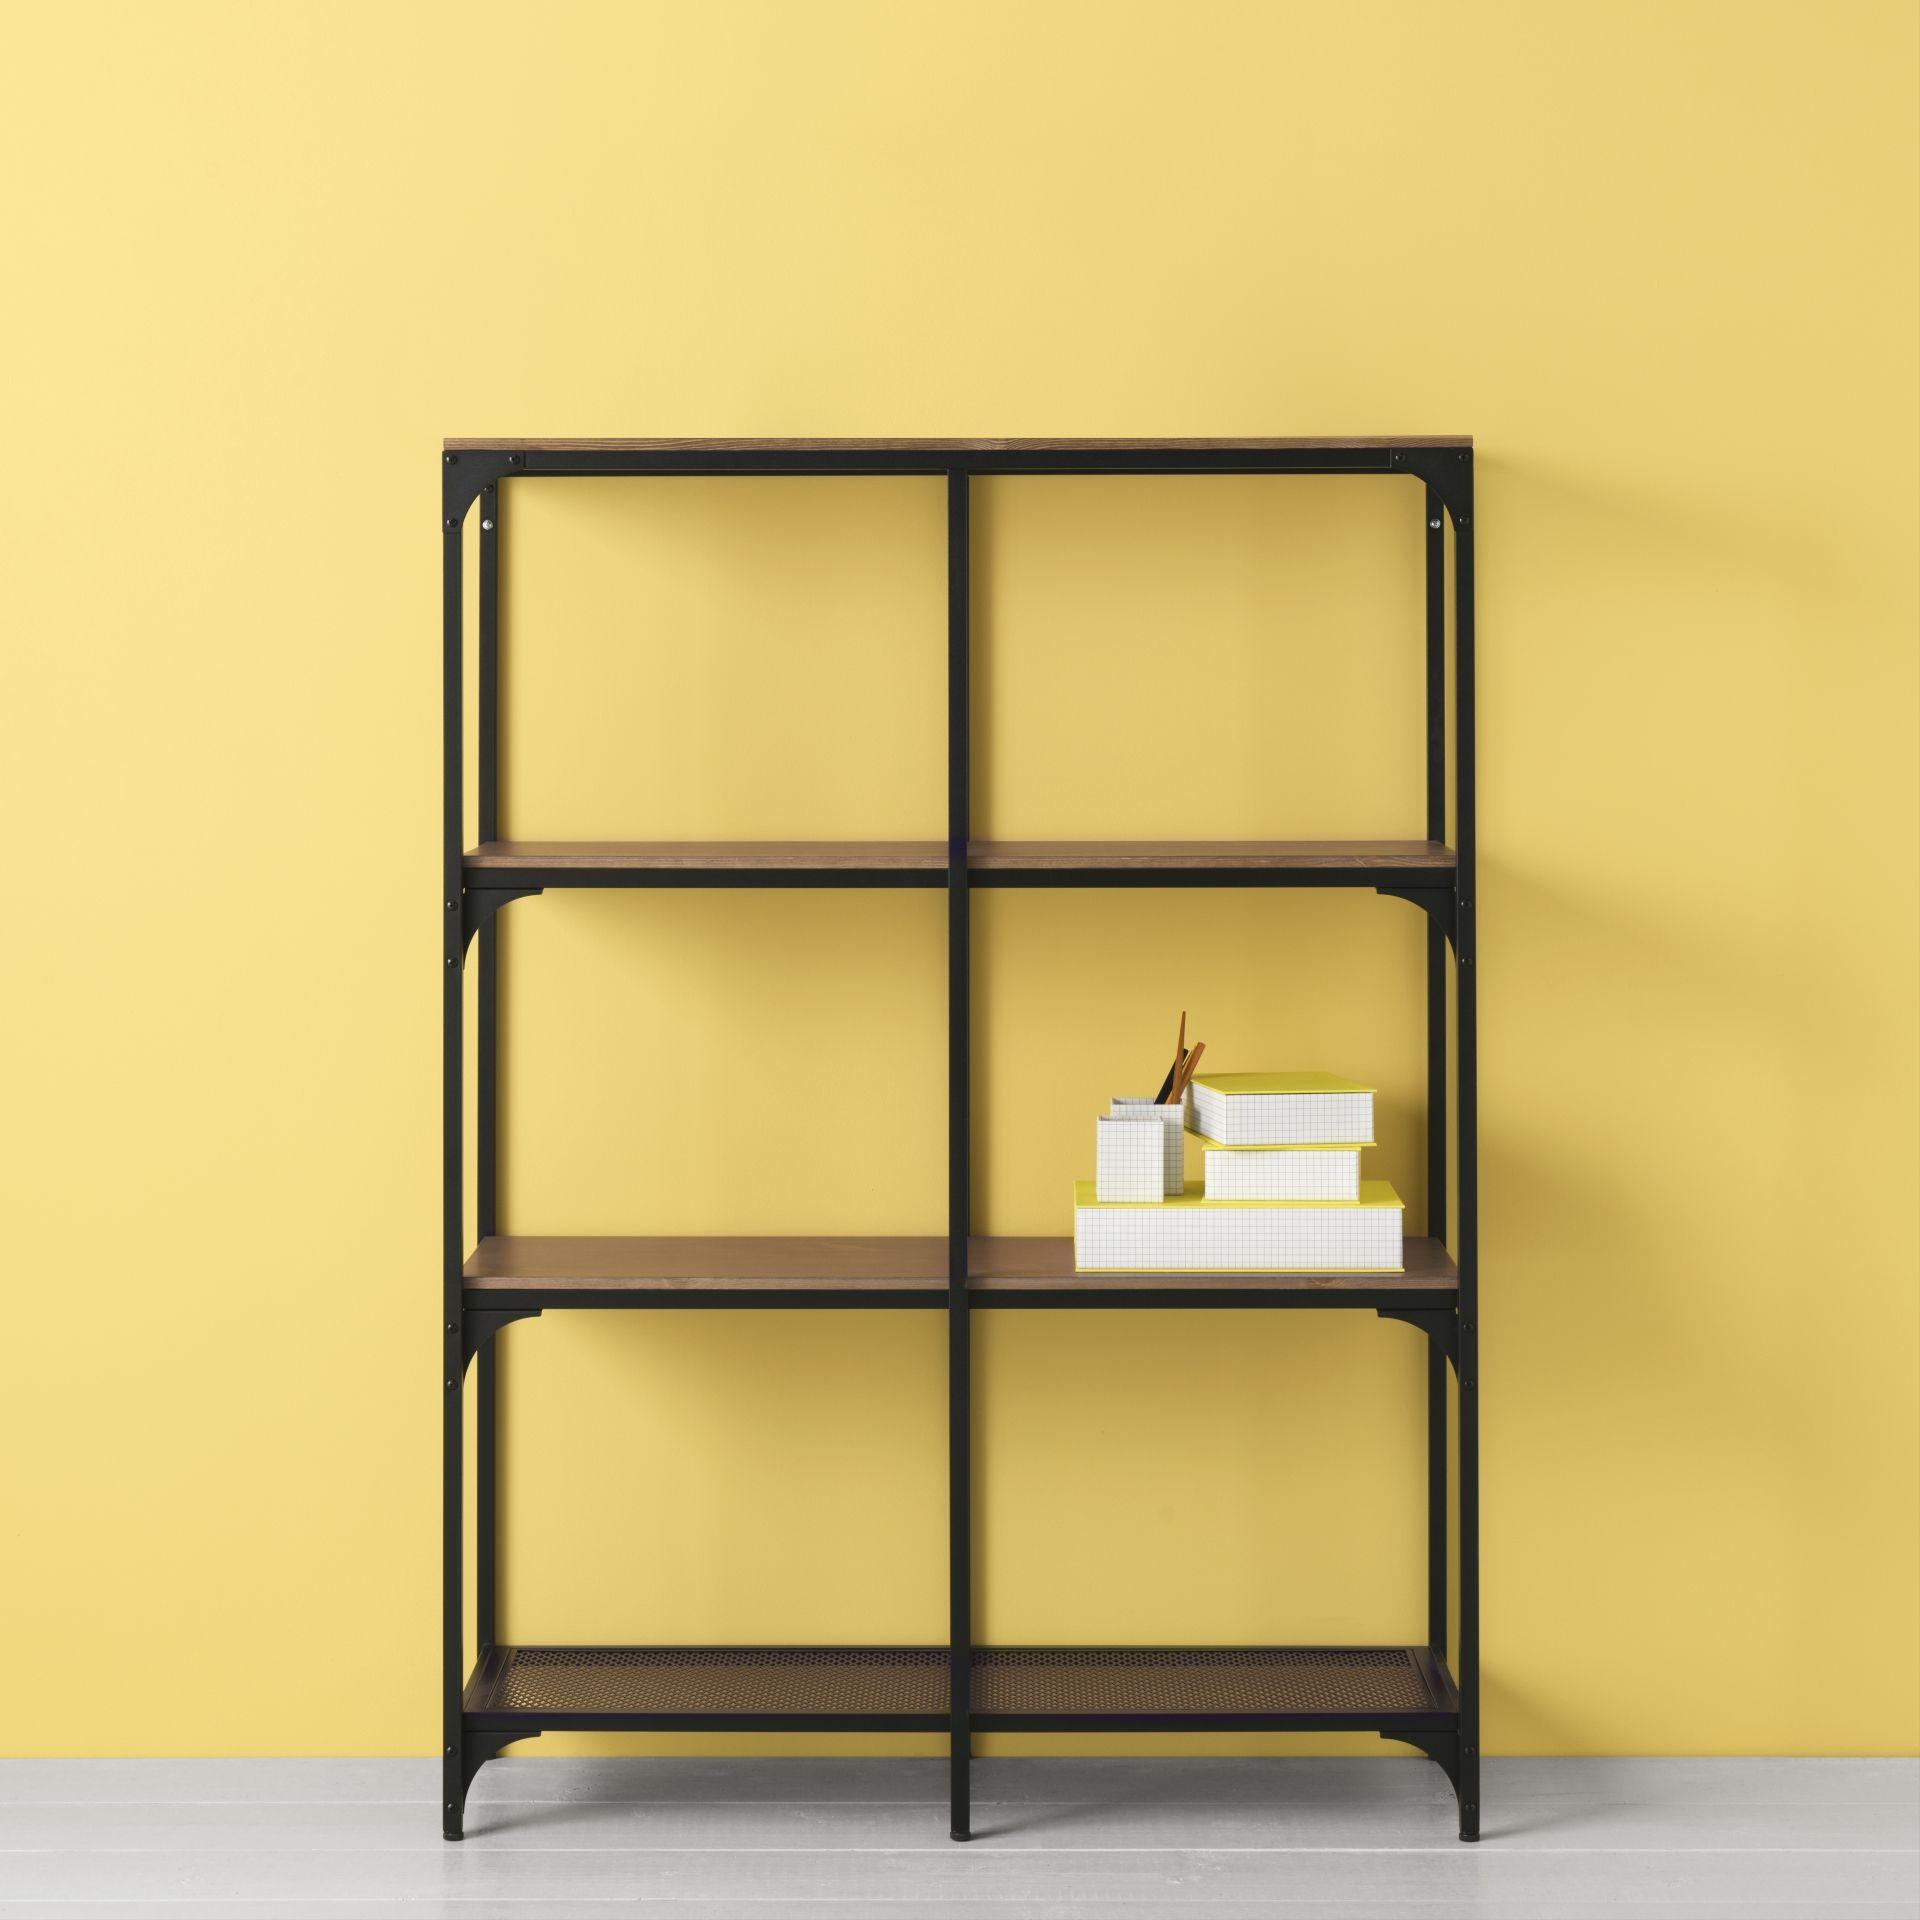 Excellent Brickan Open Kast Nieuw Ikea Ikeanl With Year Of